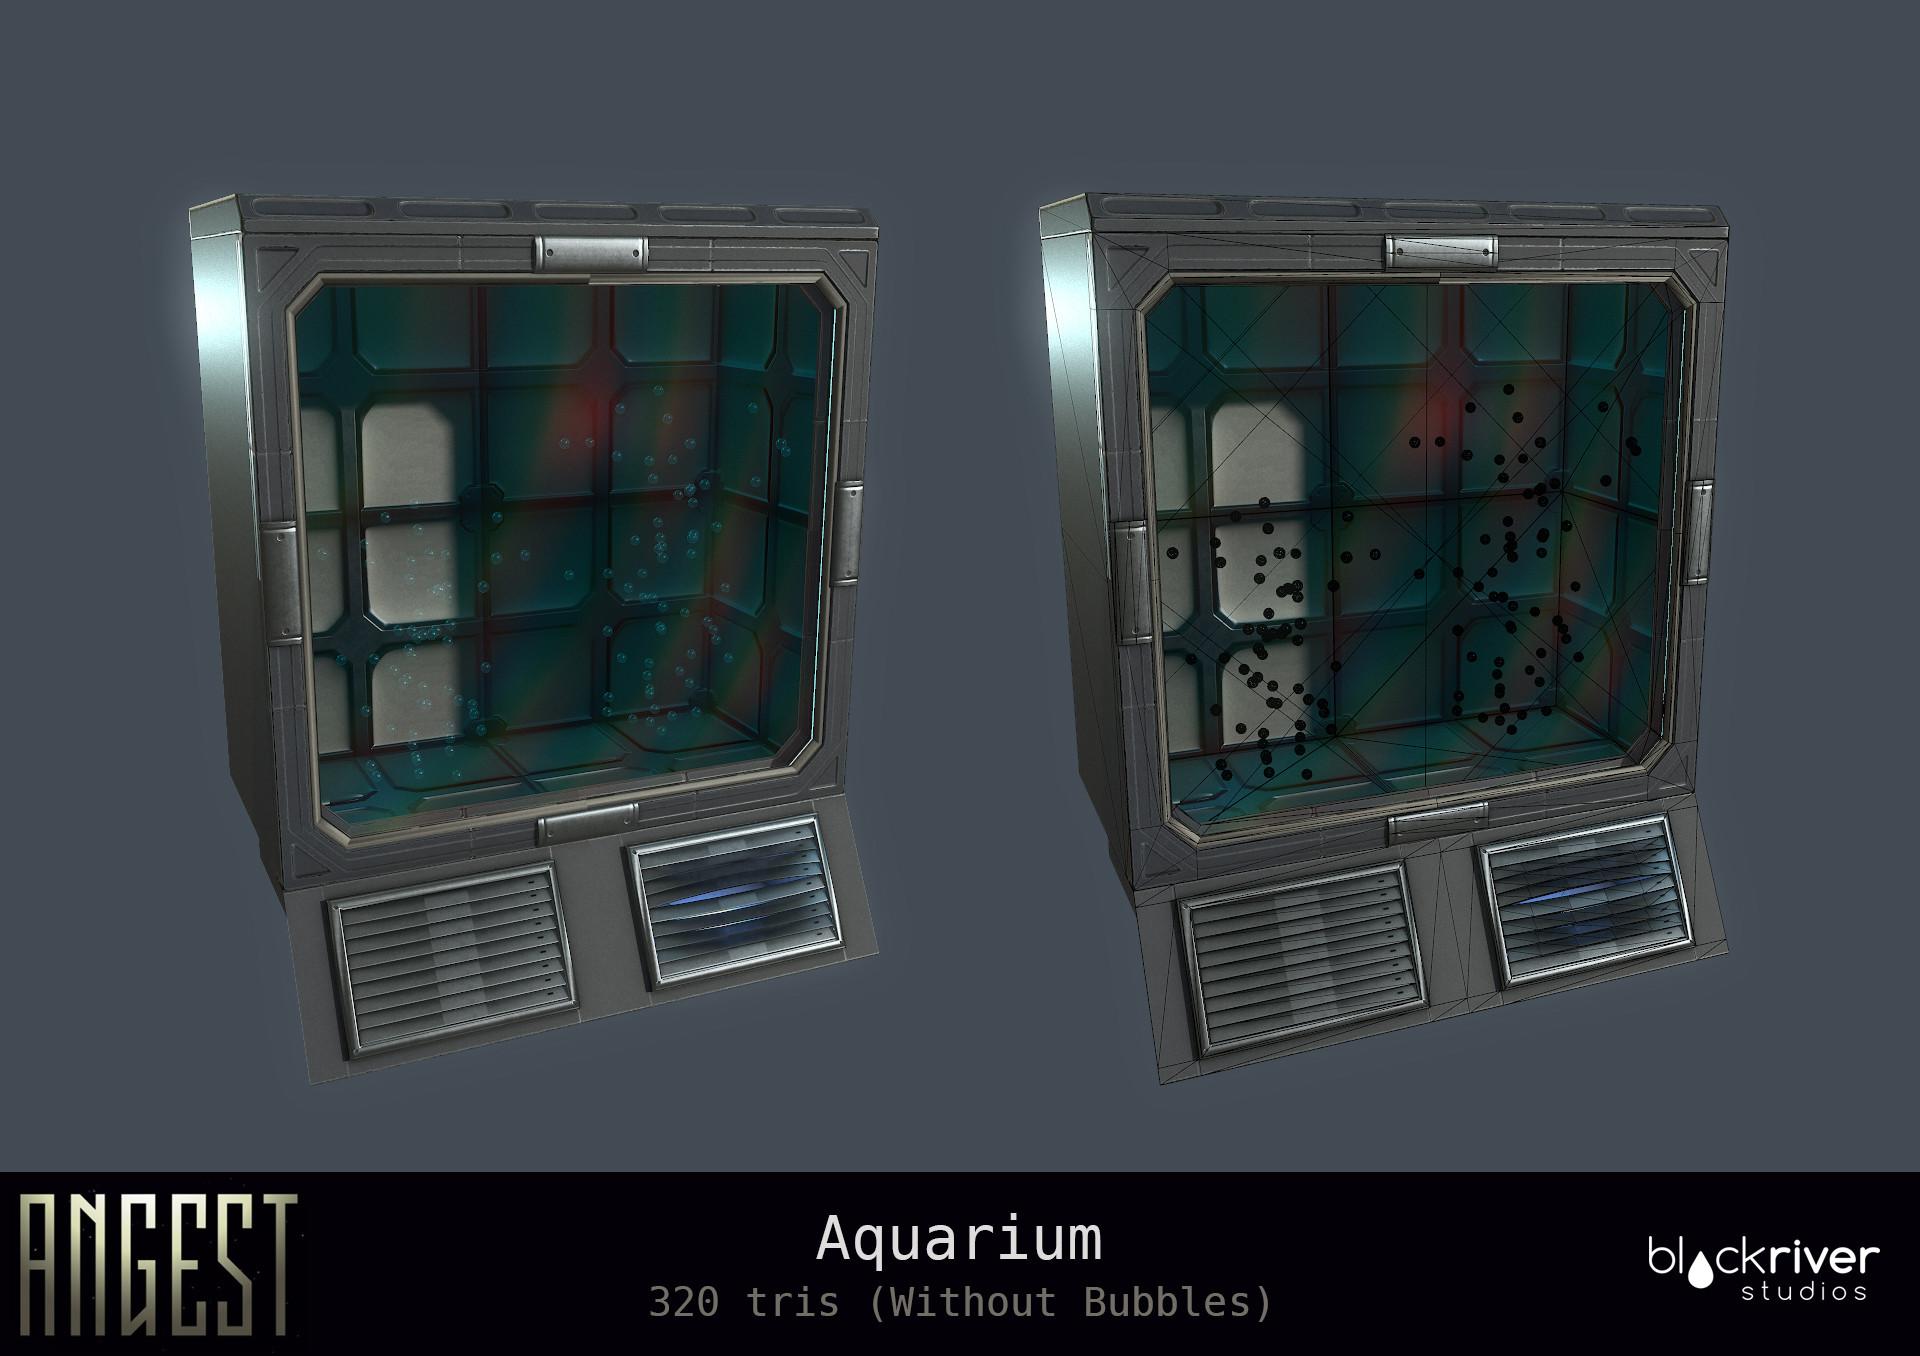 Marcelo m prado angest aquarium